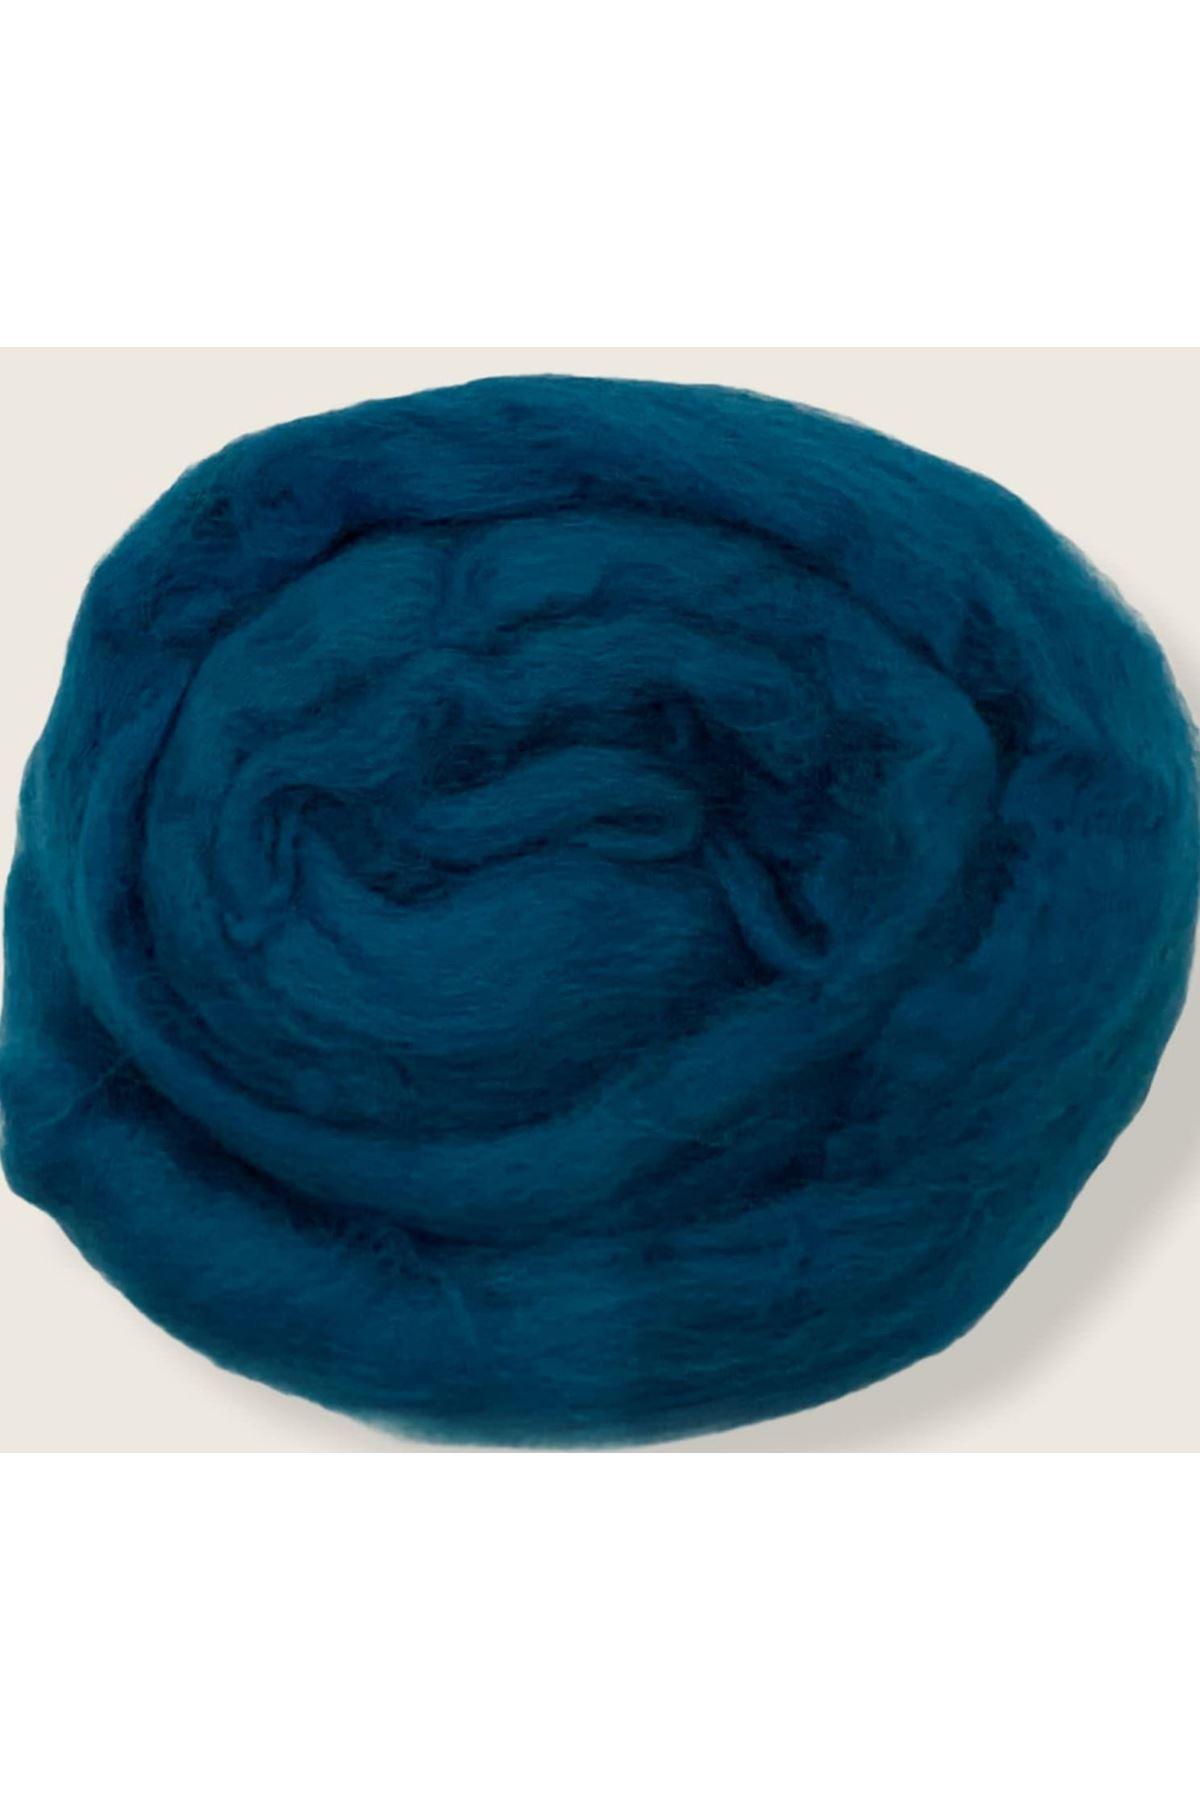 Saf Yün Keçe 25 gram 1 metre - Saks Mavisi